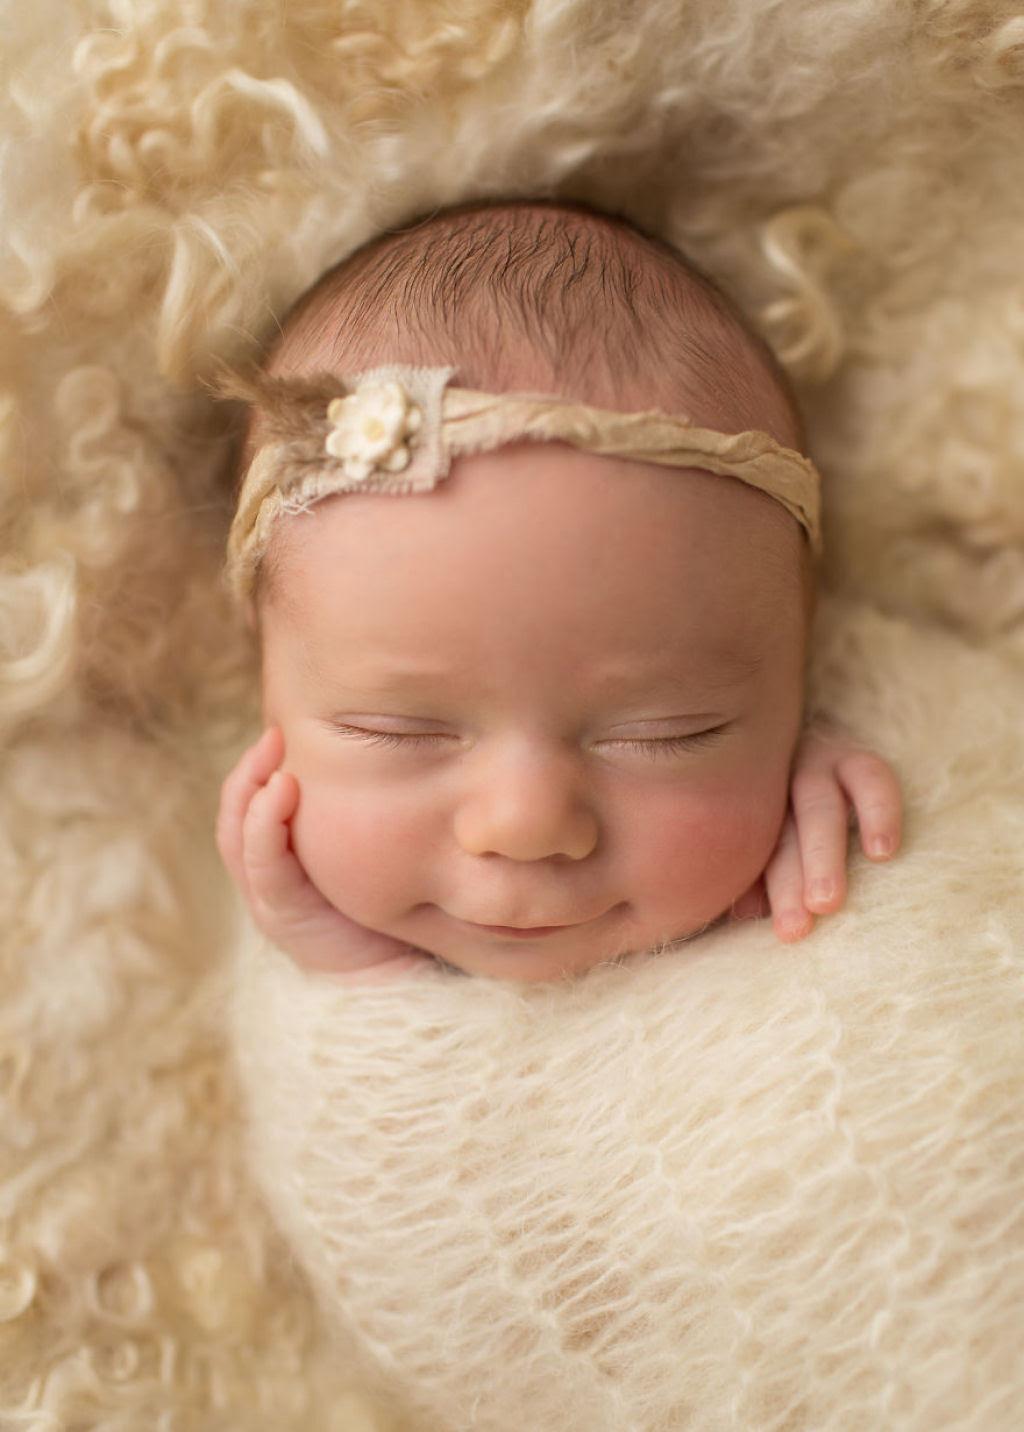 Fotógrafa britânica cria retratos insuportavelmente ternos de bebês dormindo 03